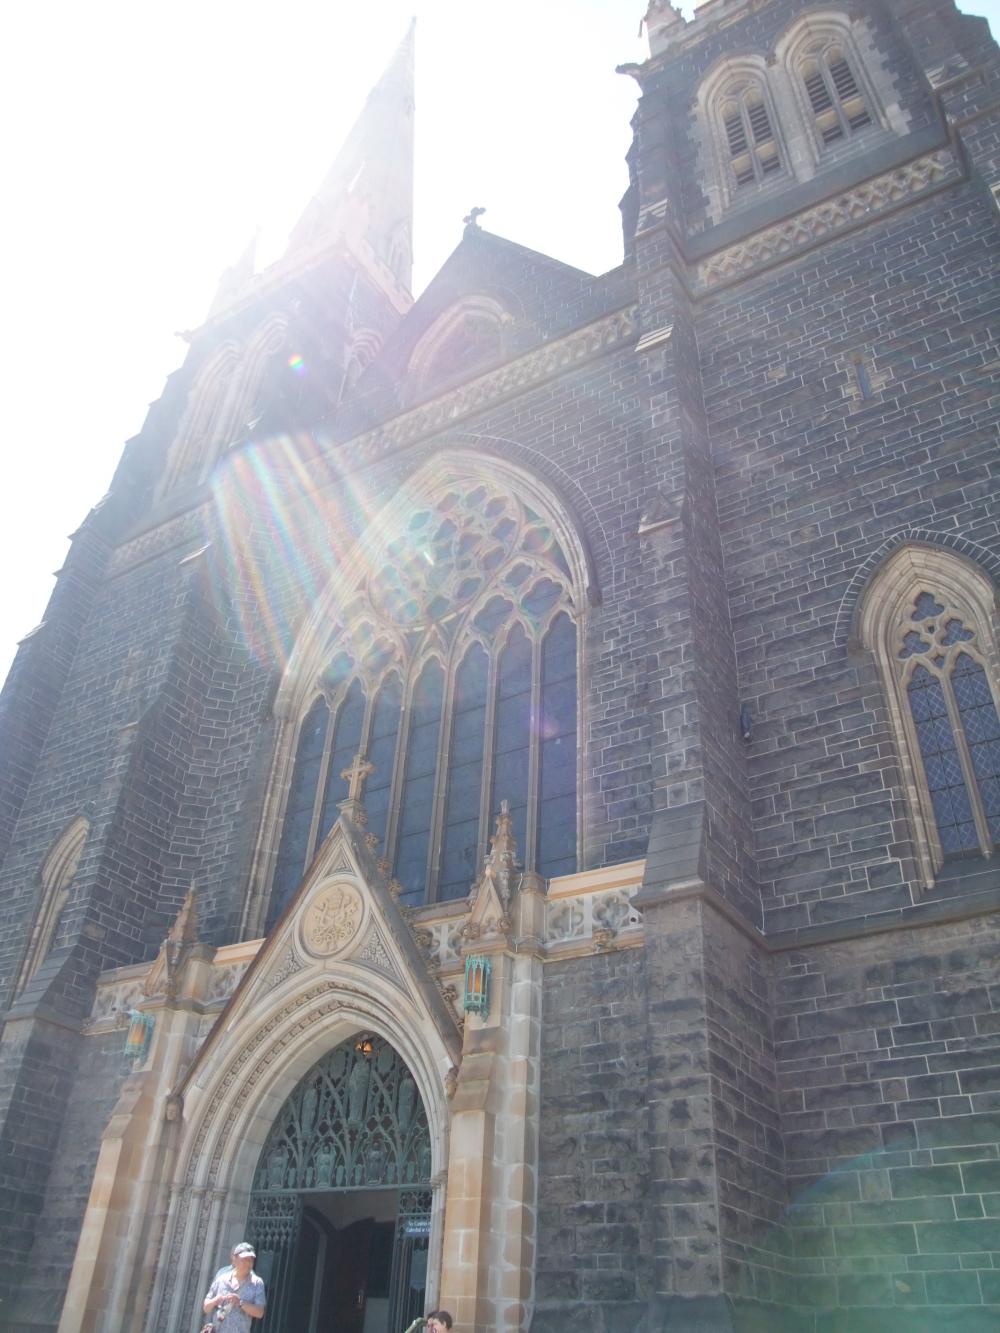 【澳洲旅行】墨爾本 – 聖巴特利爵主教座堂 St. Patrick's Cathedral @MY TRIP ‧ MY LIFE